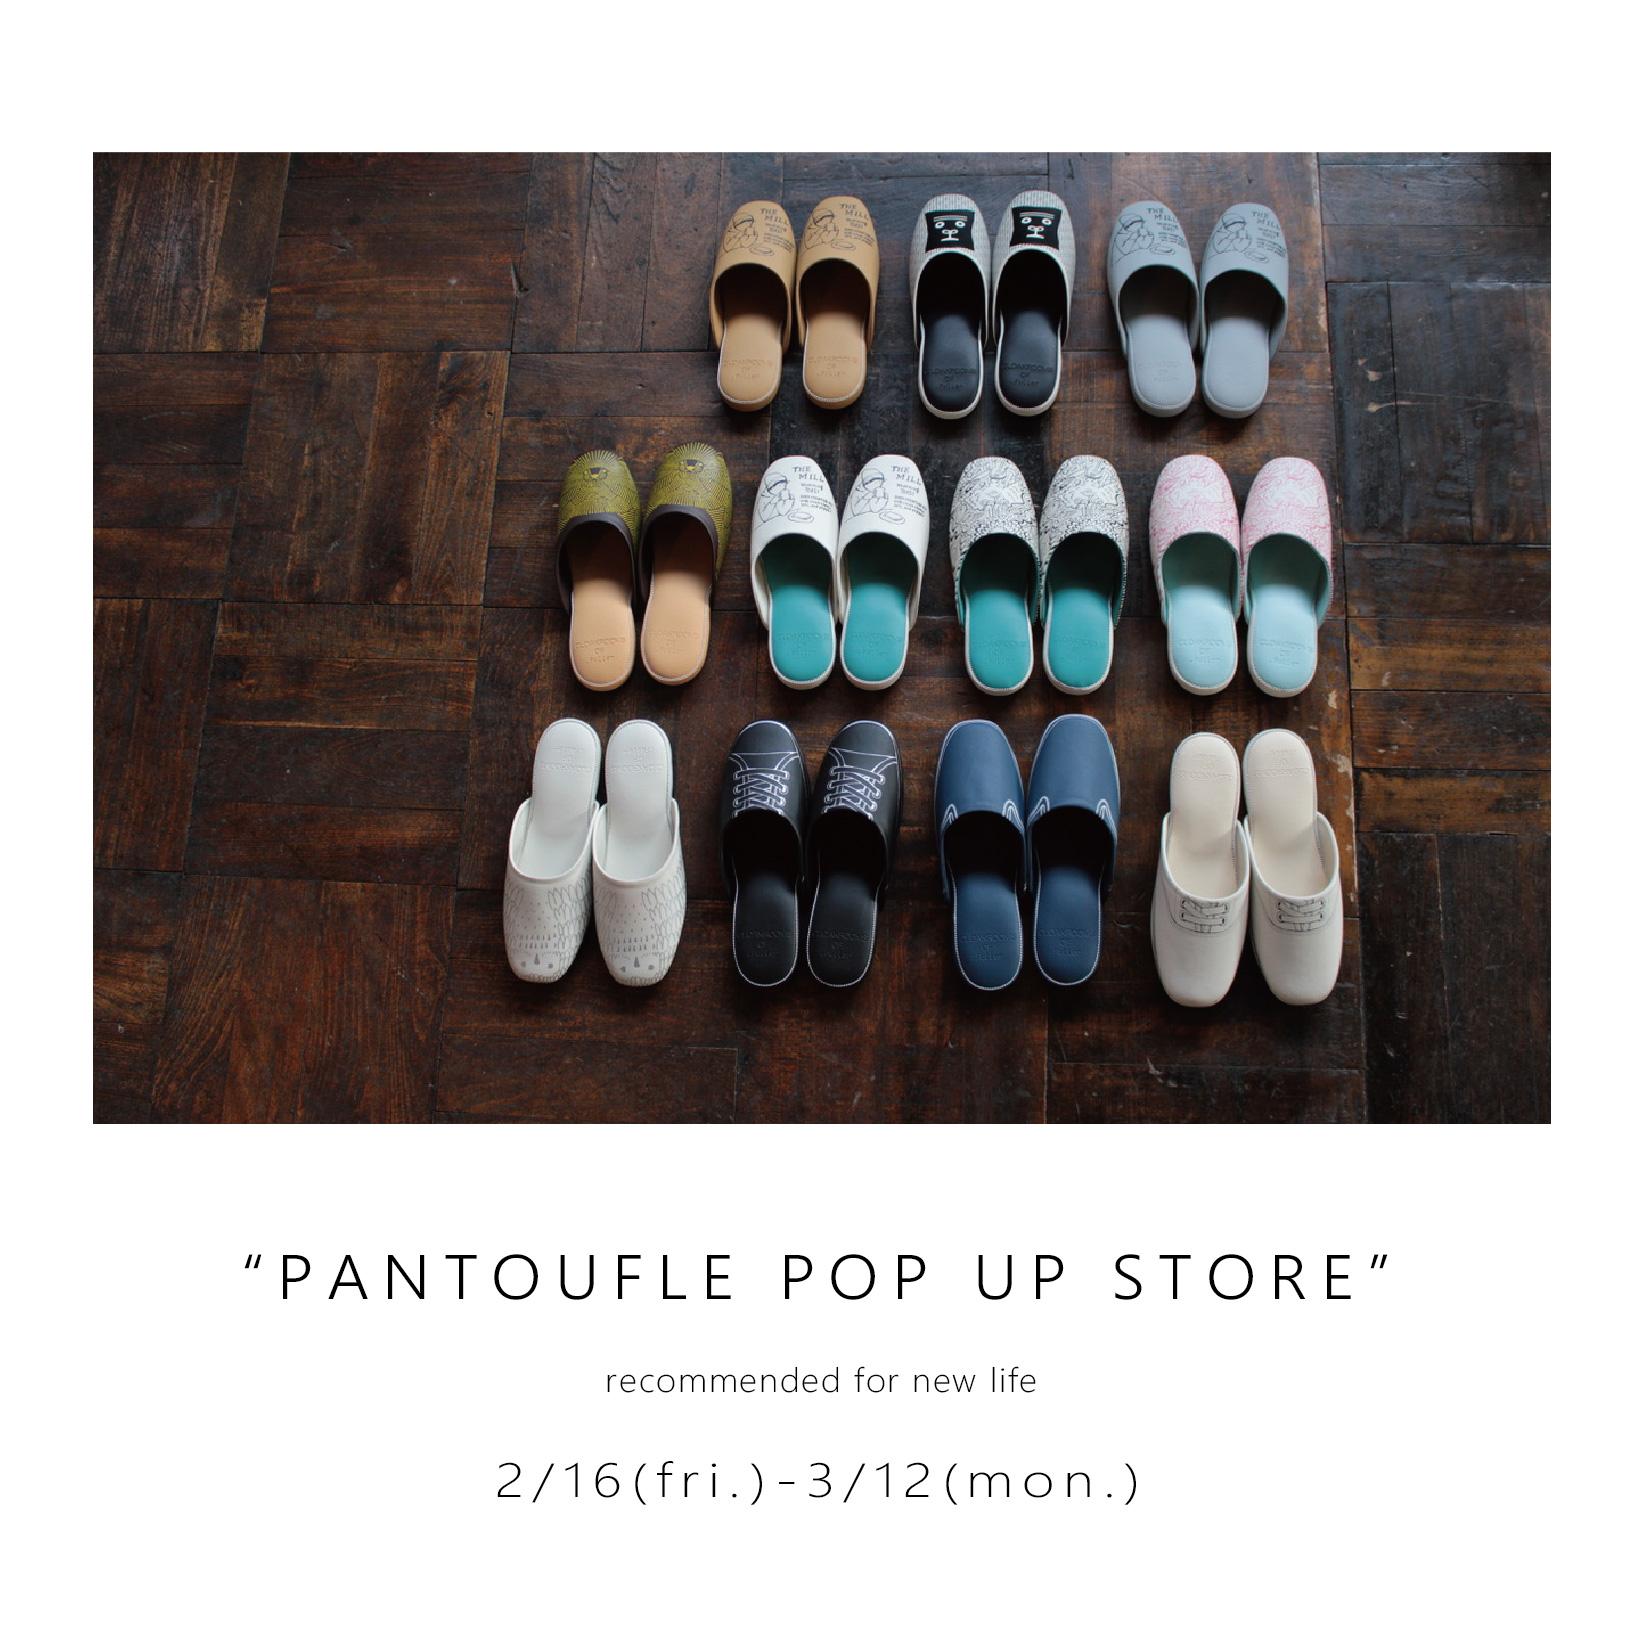 CLOAKROOMS PANTOUFLE POP UP